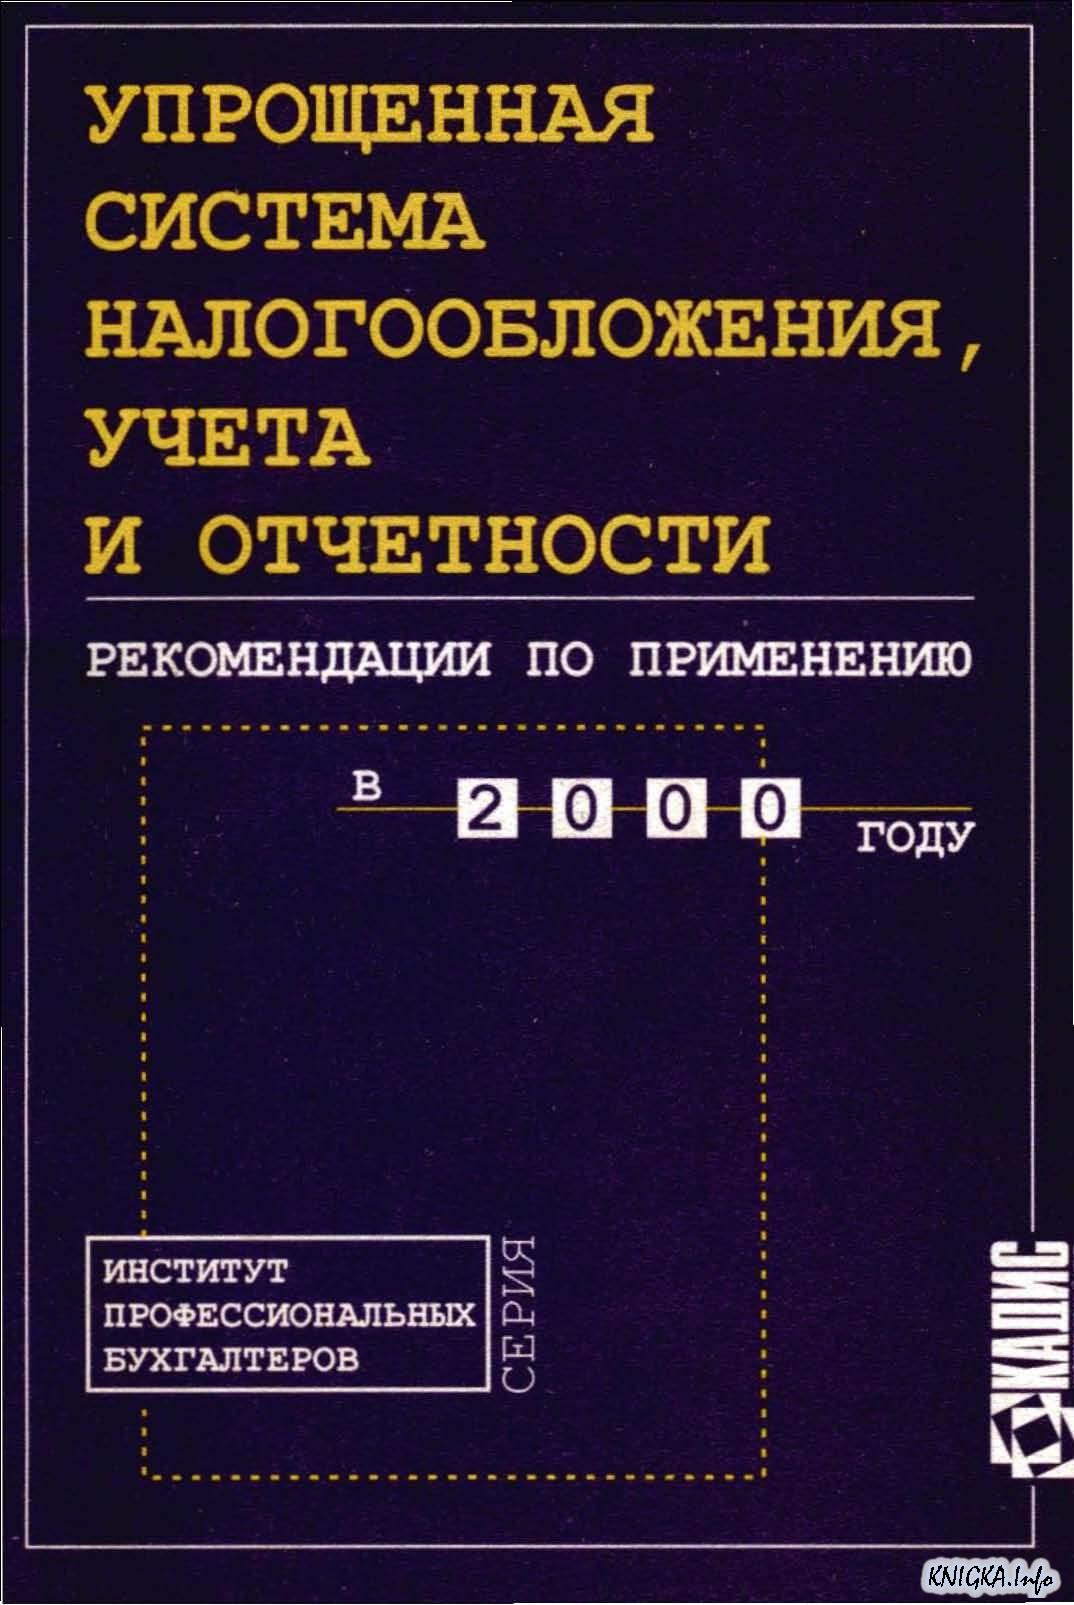 Скачать электронные книги бесплатно популярные книги